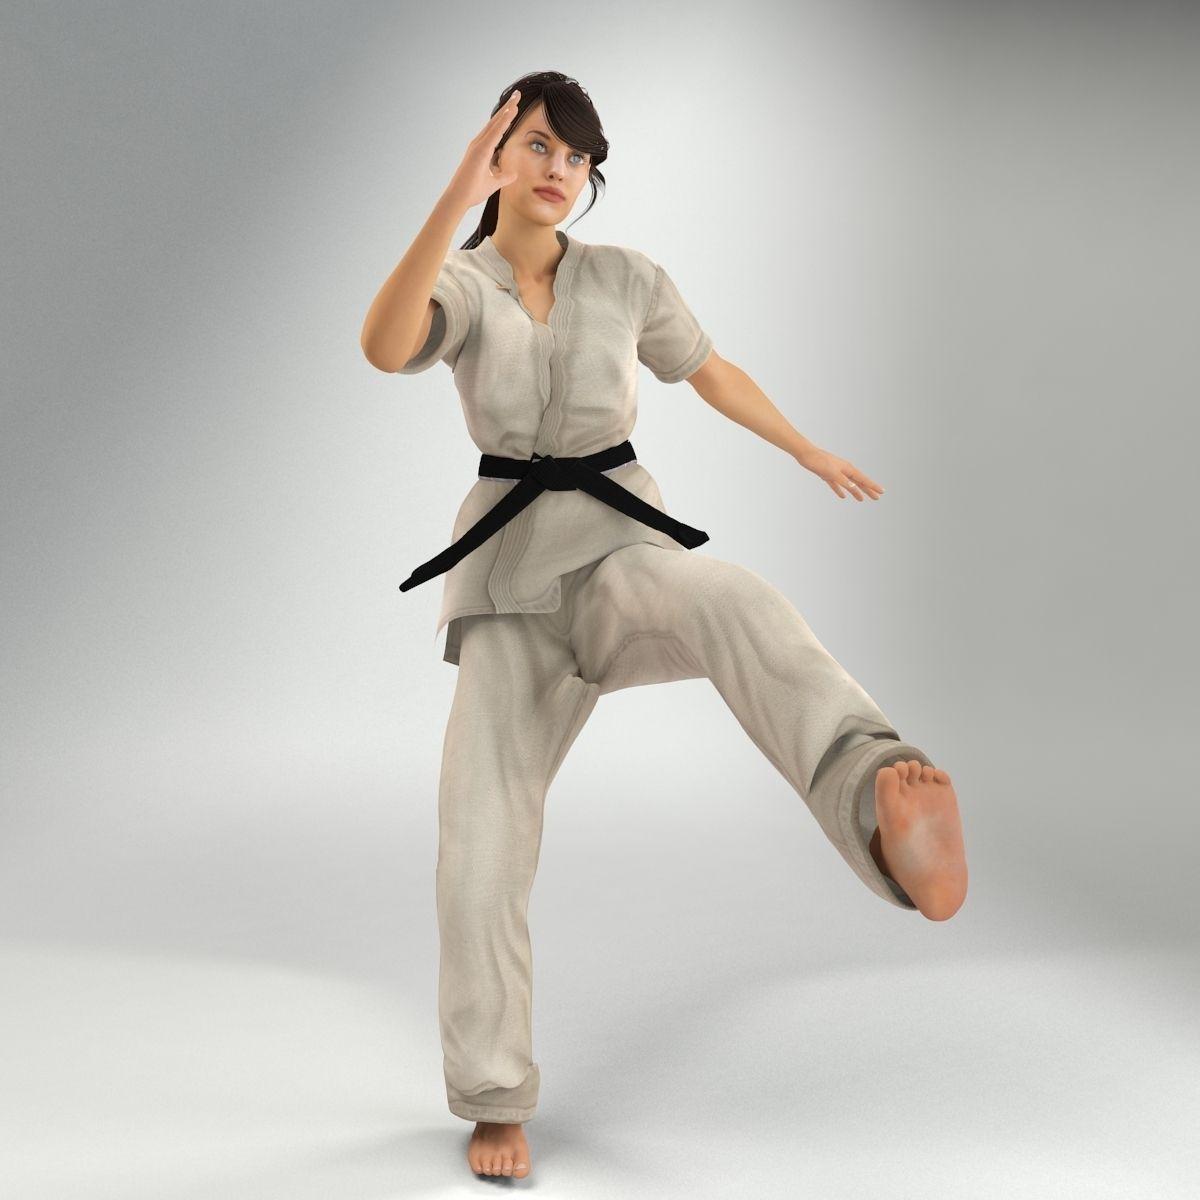 Karate Lady Lite Rig 3d Model Cgtrader